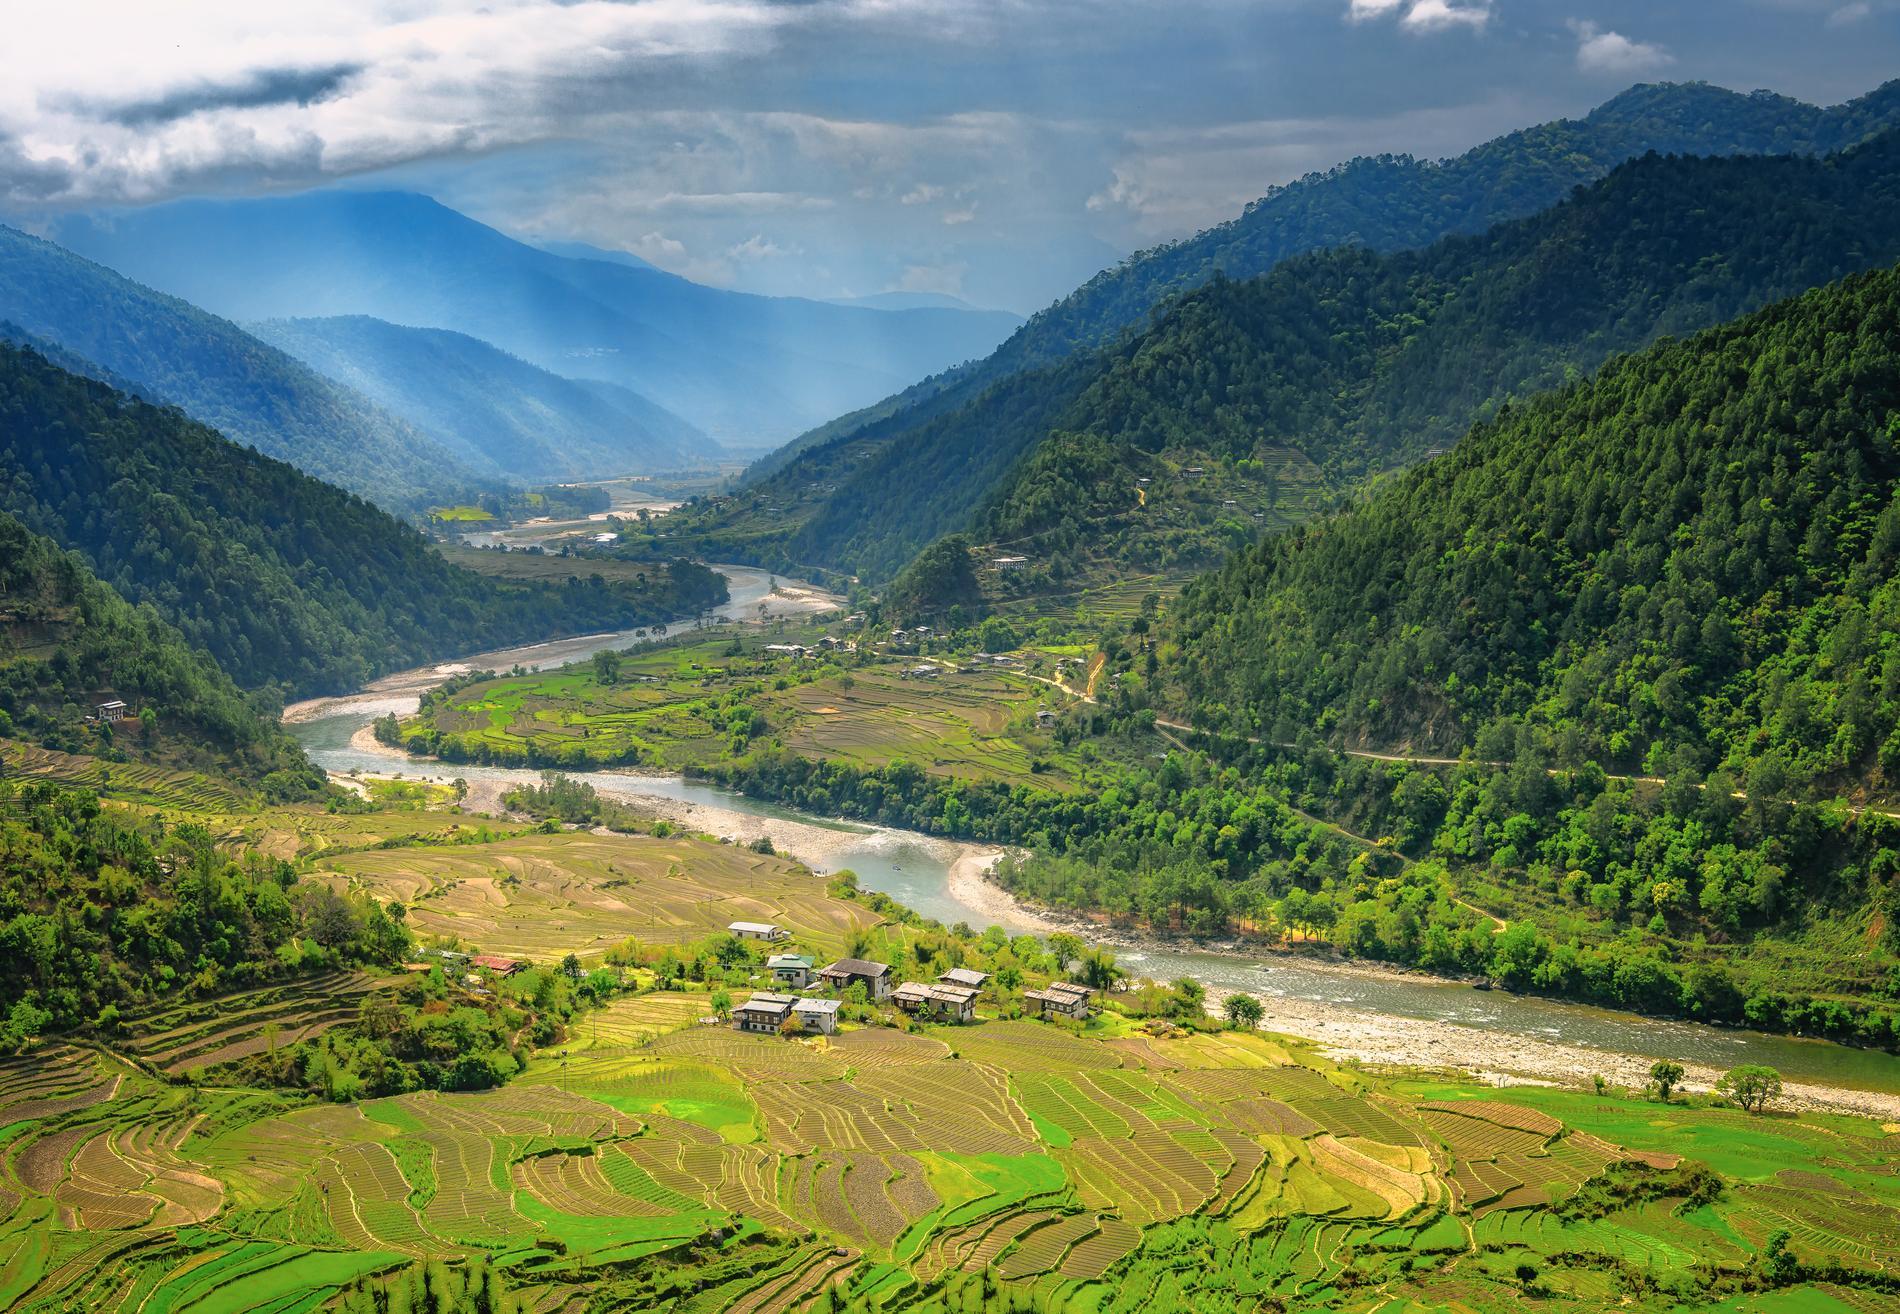 Lonely planet beskriver Bhutan som en liten del av paradiset.